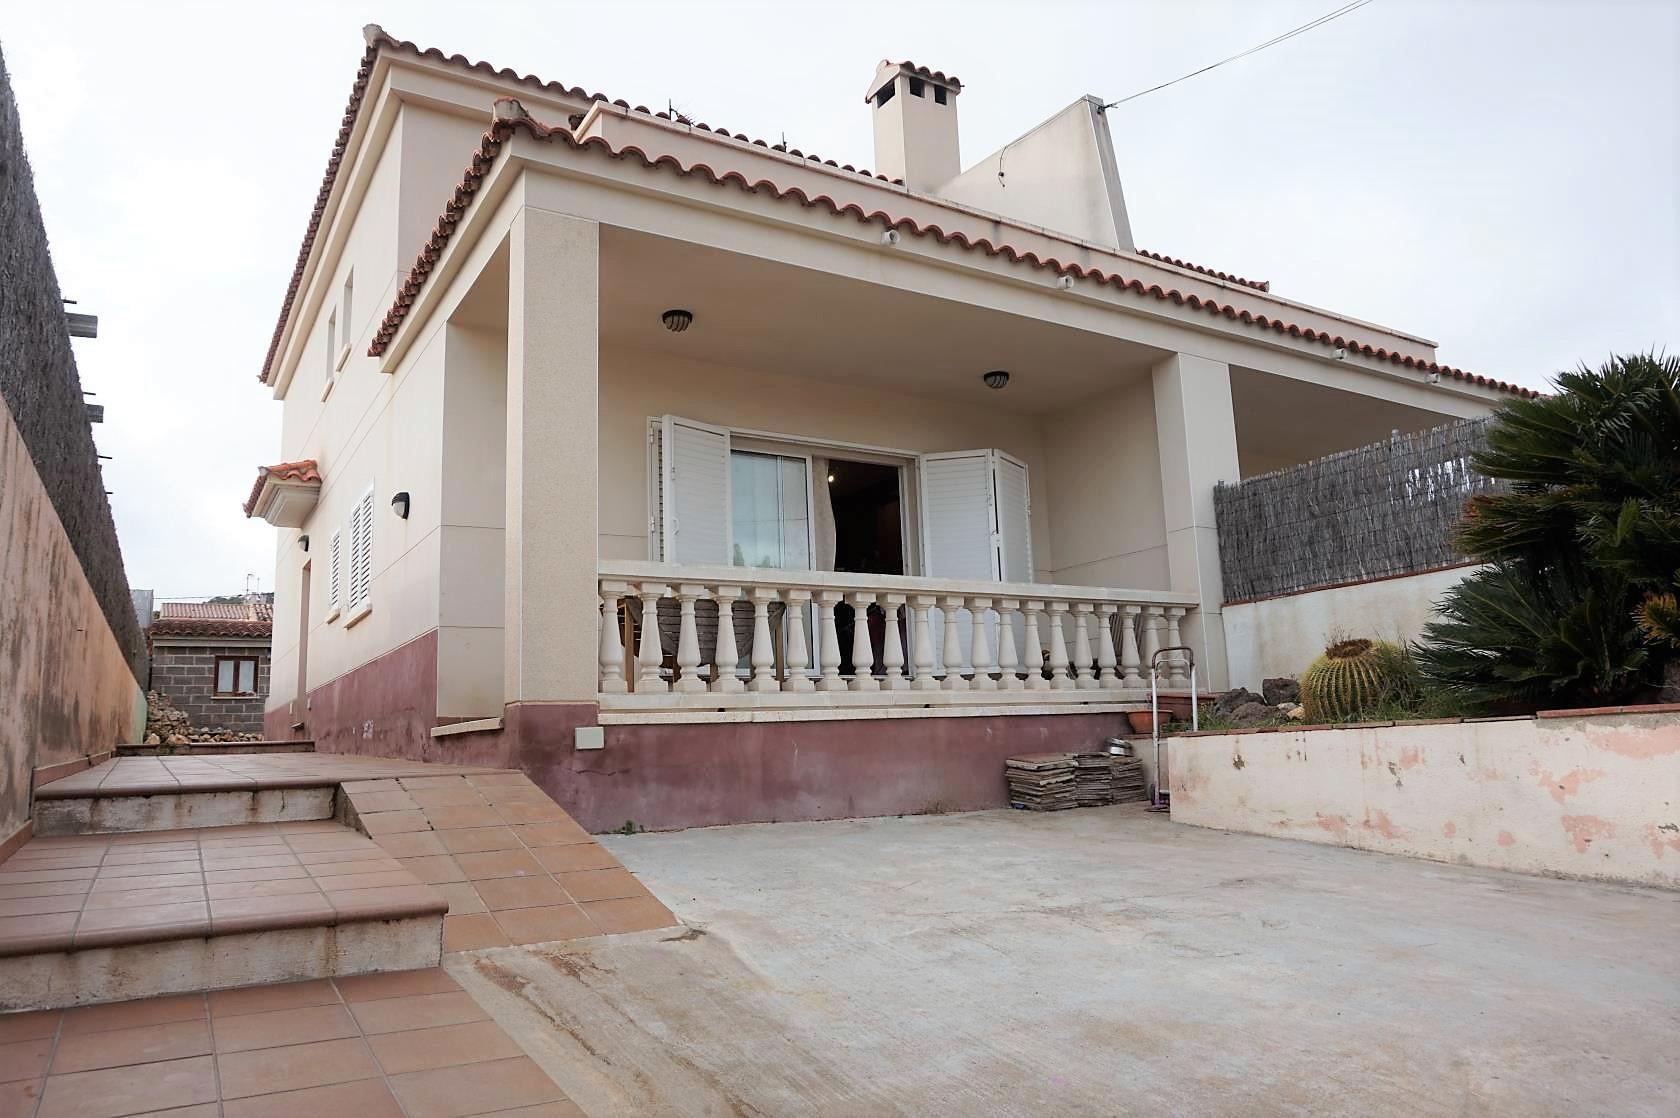 203564 - Instituto La Talaia y el Cap de Segur de Calafell